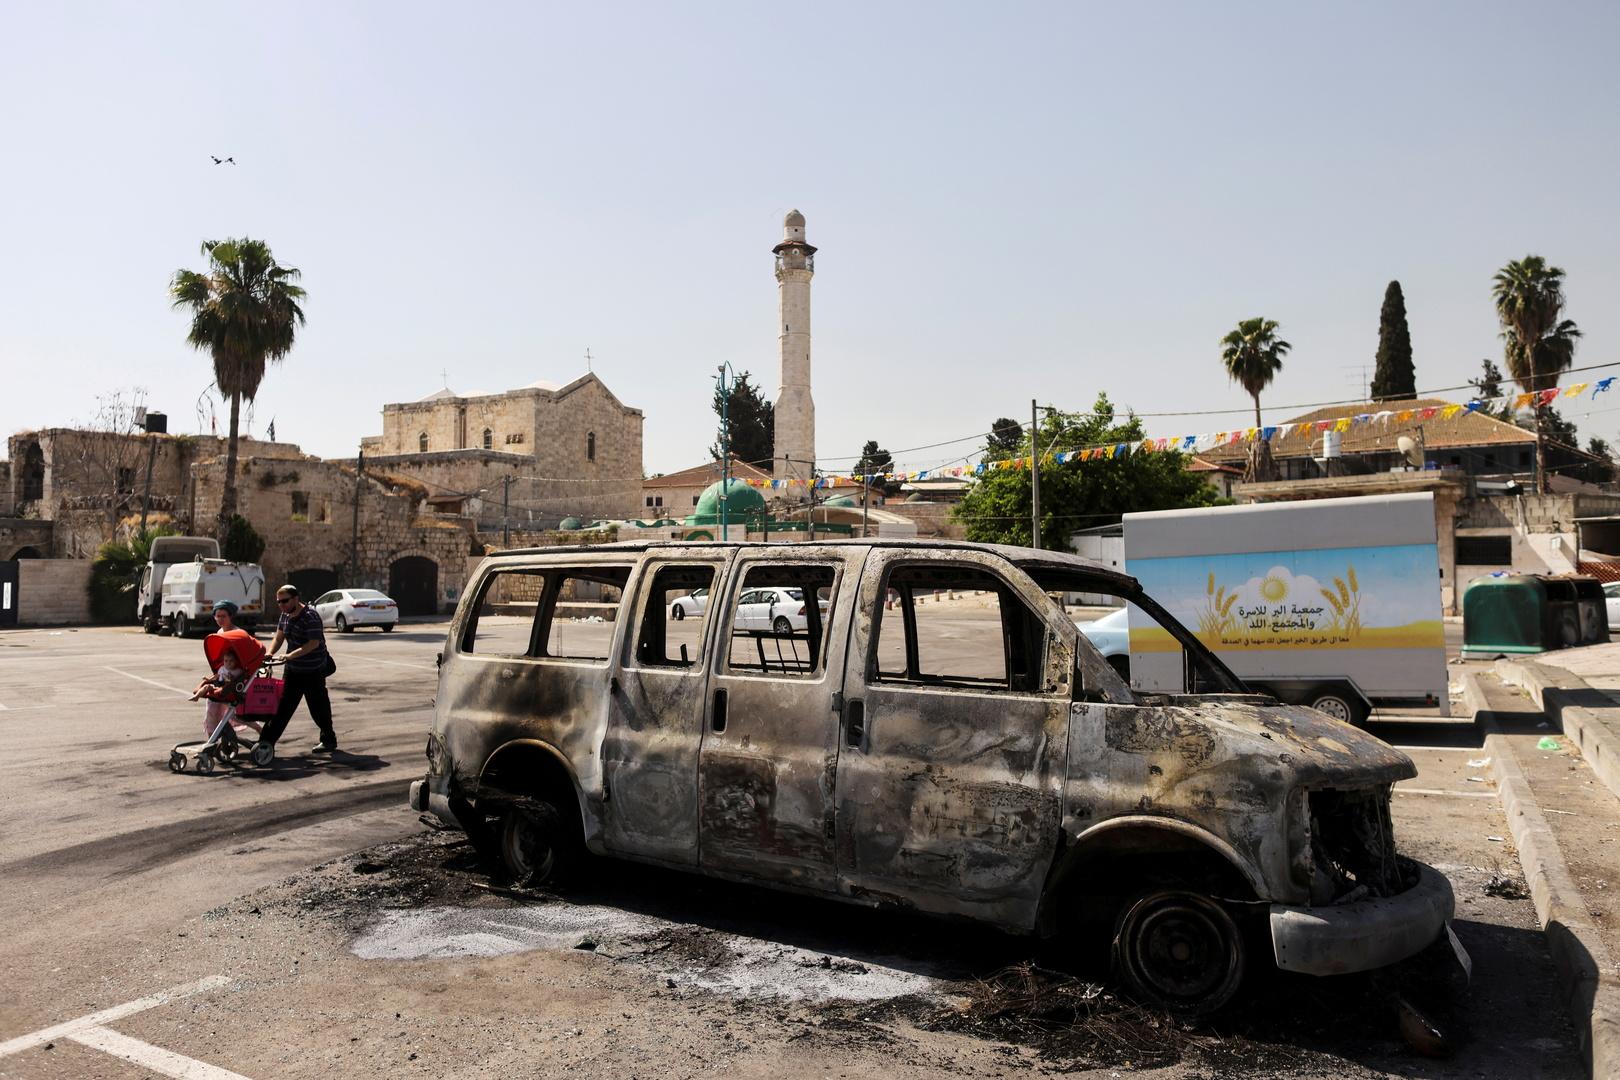 سيارة محترقة عقب المواجهات في مدينة اللد الإسرائيلية 12 مايو 2021